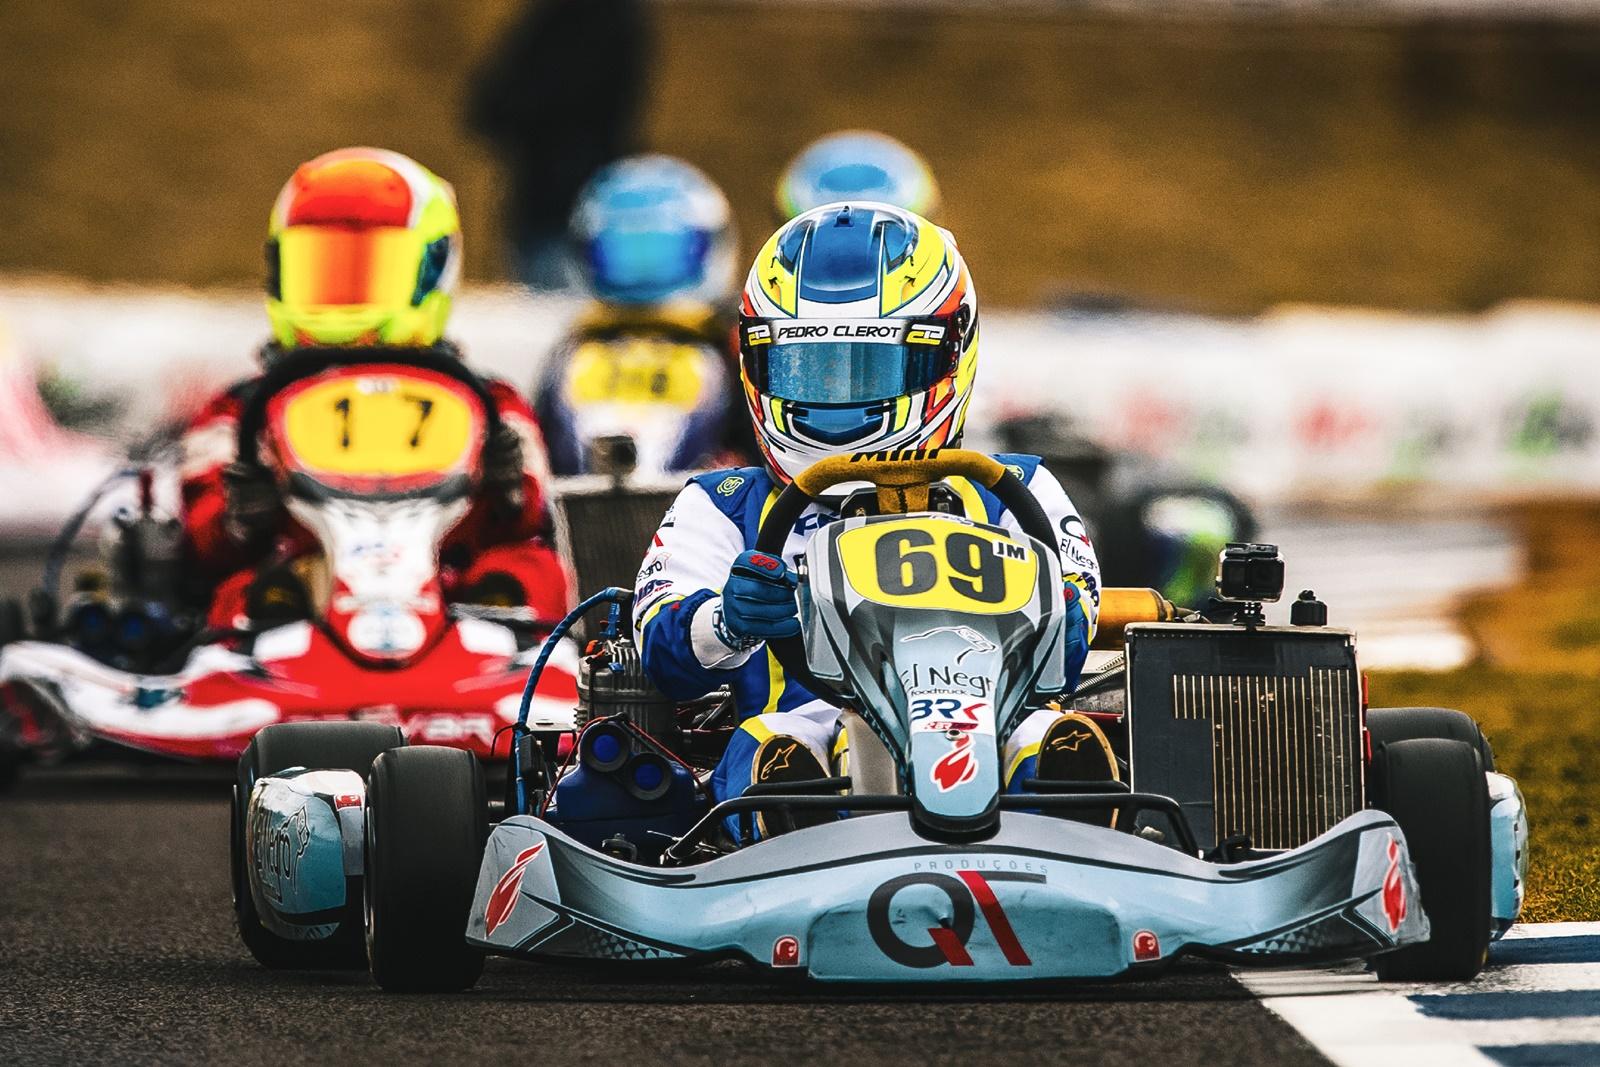 Photo of kart – Manobra imprudente de concorrente tirou chances de Pedro Clerot vencer o Brasileiro de Kart